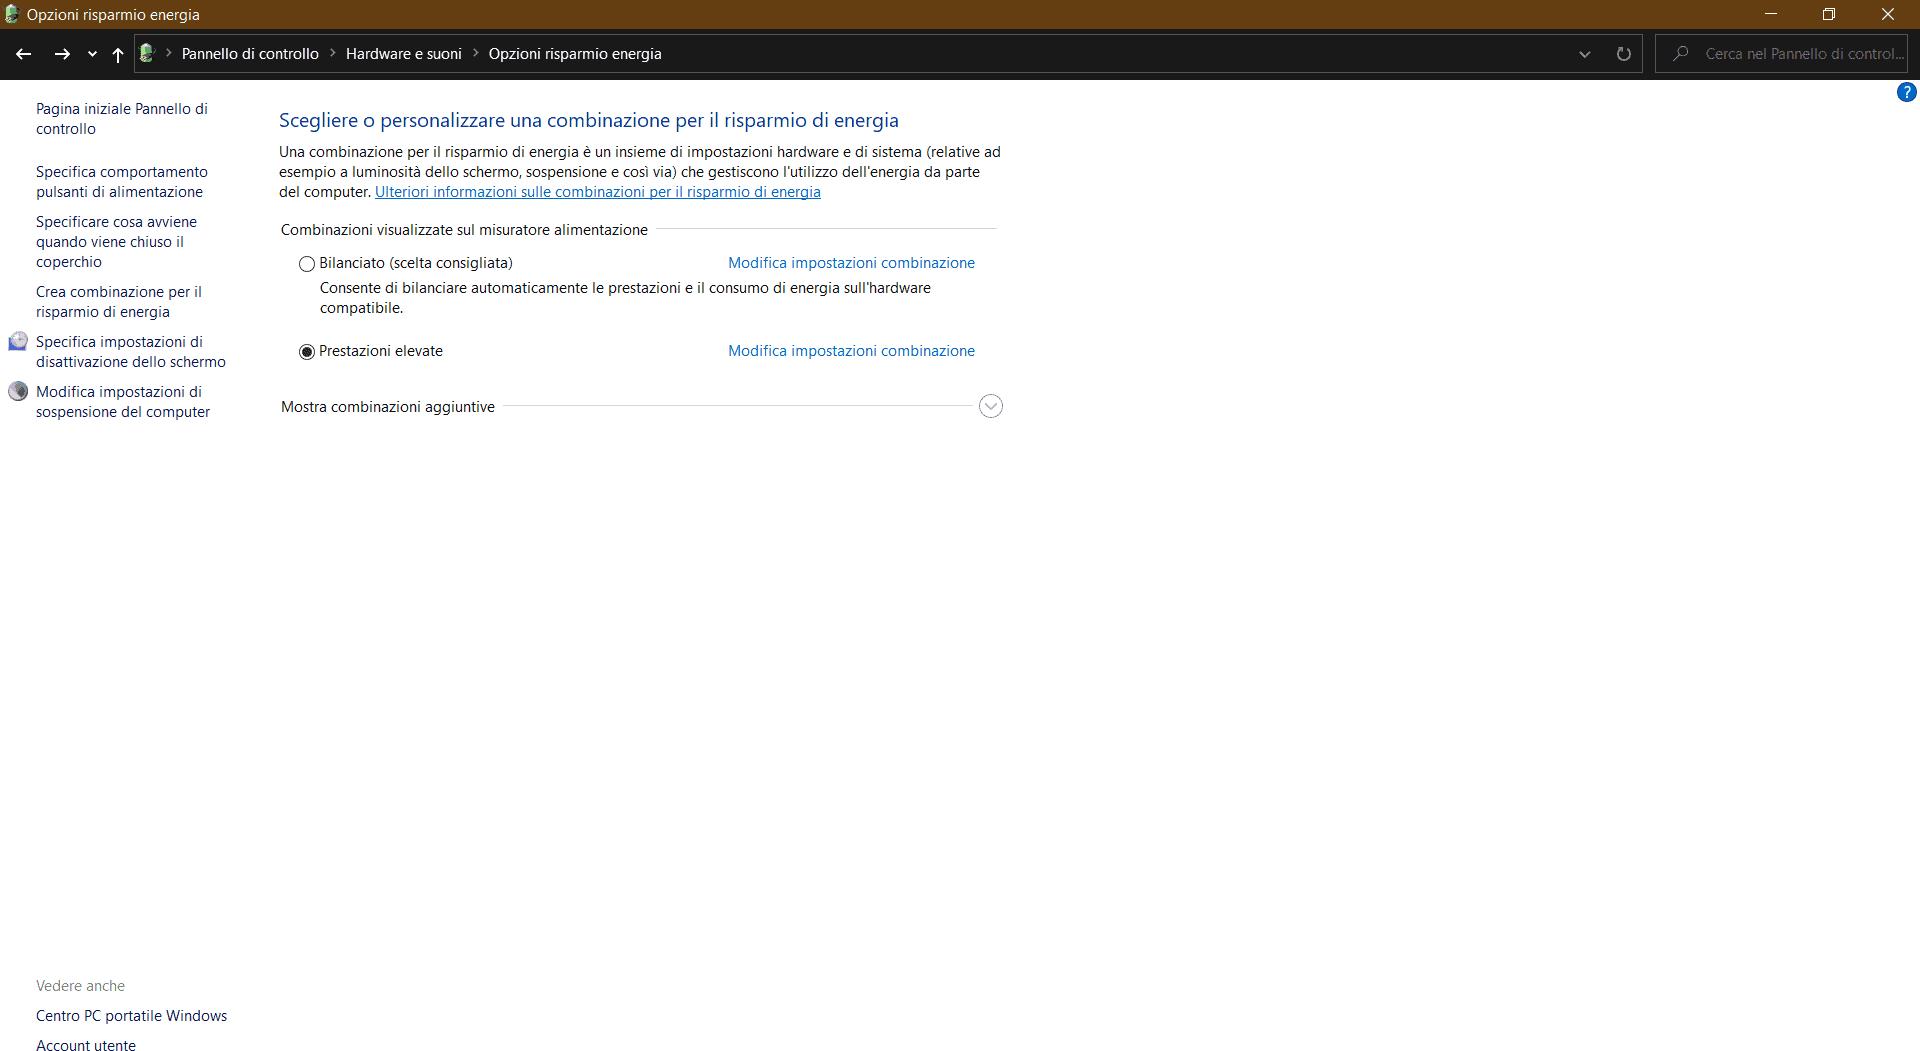 Schermata Opzioni risparmio energia di Windows 10